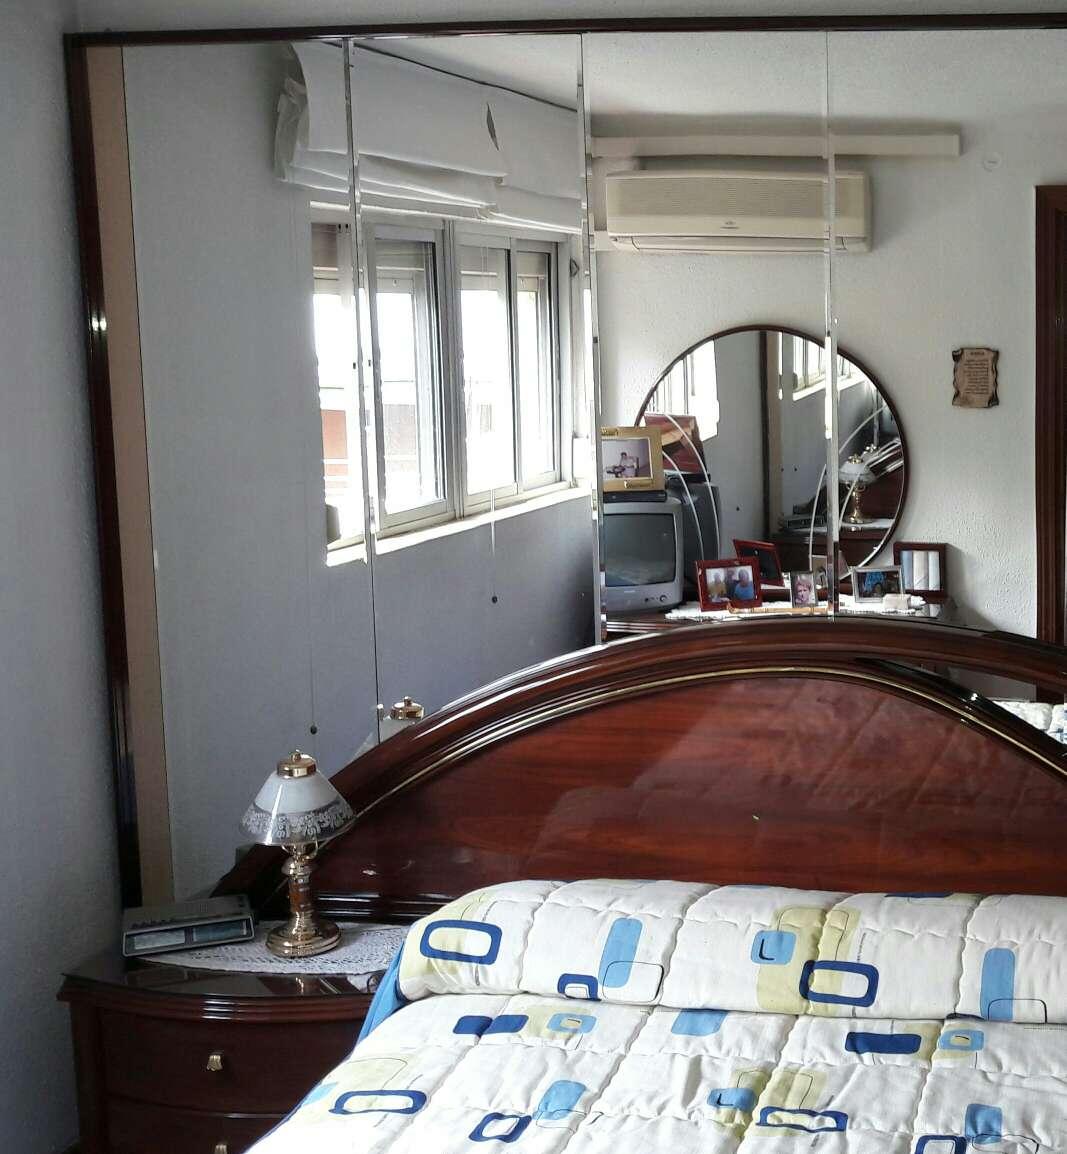 Imagen cabecero con  cama de 135 mas somier de 135 mas mesillas y mural de espejos en pared